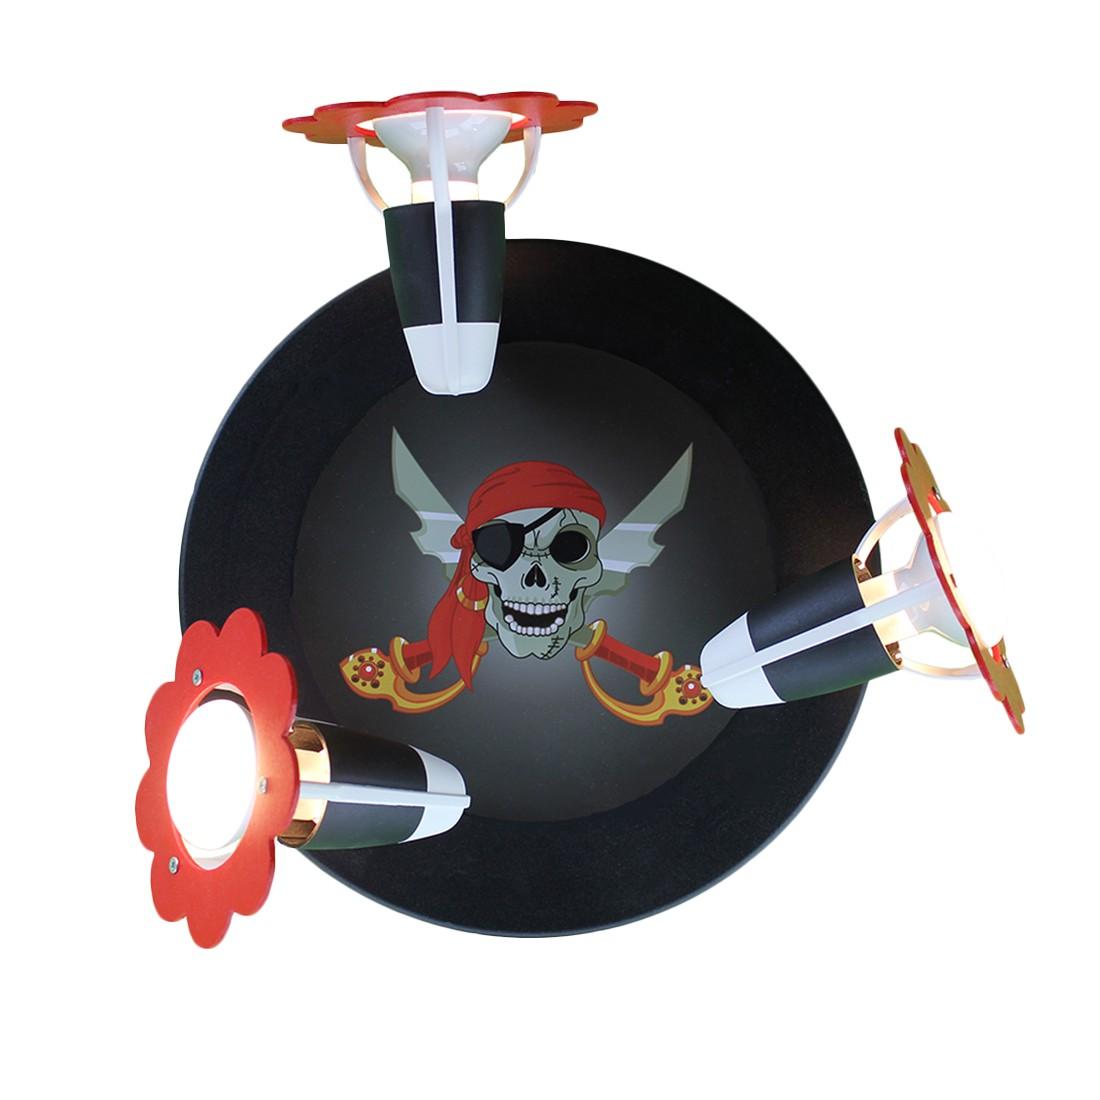 EEK A++, Deckenleuchte Piratenkopf – Holz – 3-flammig, Elobra bestellen